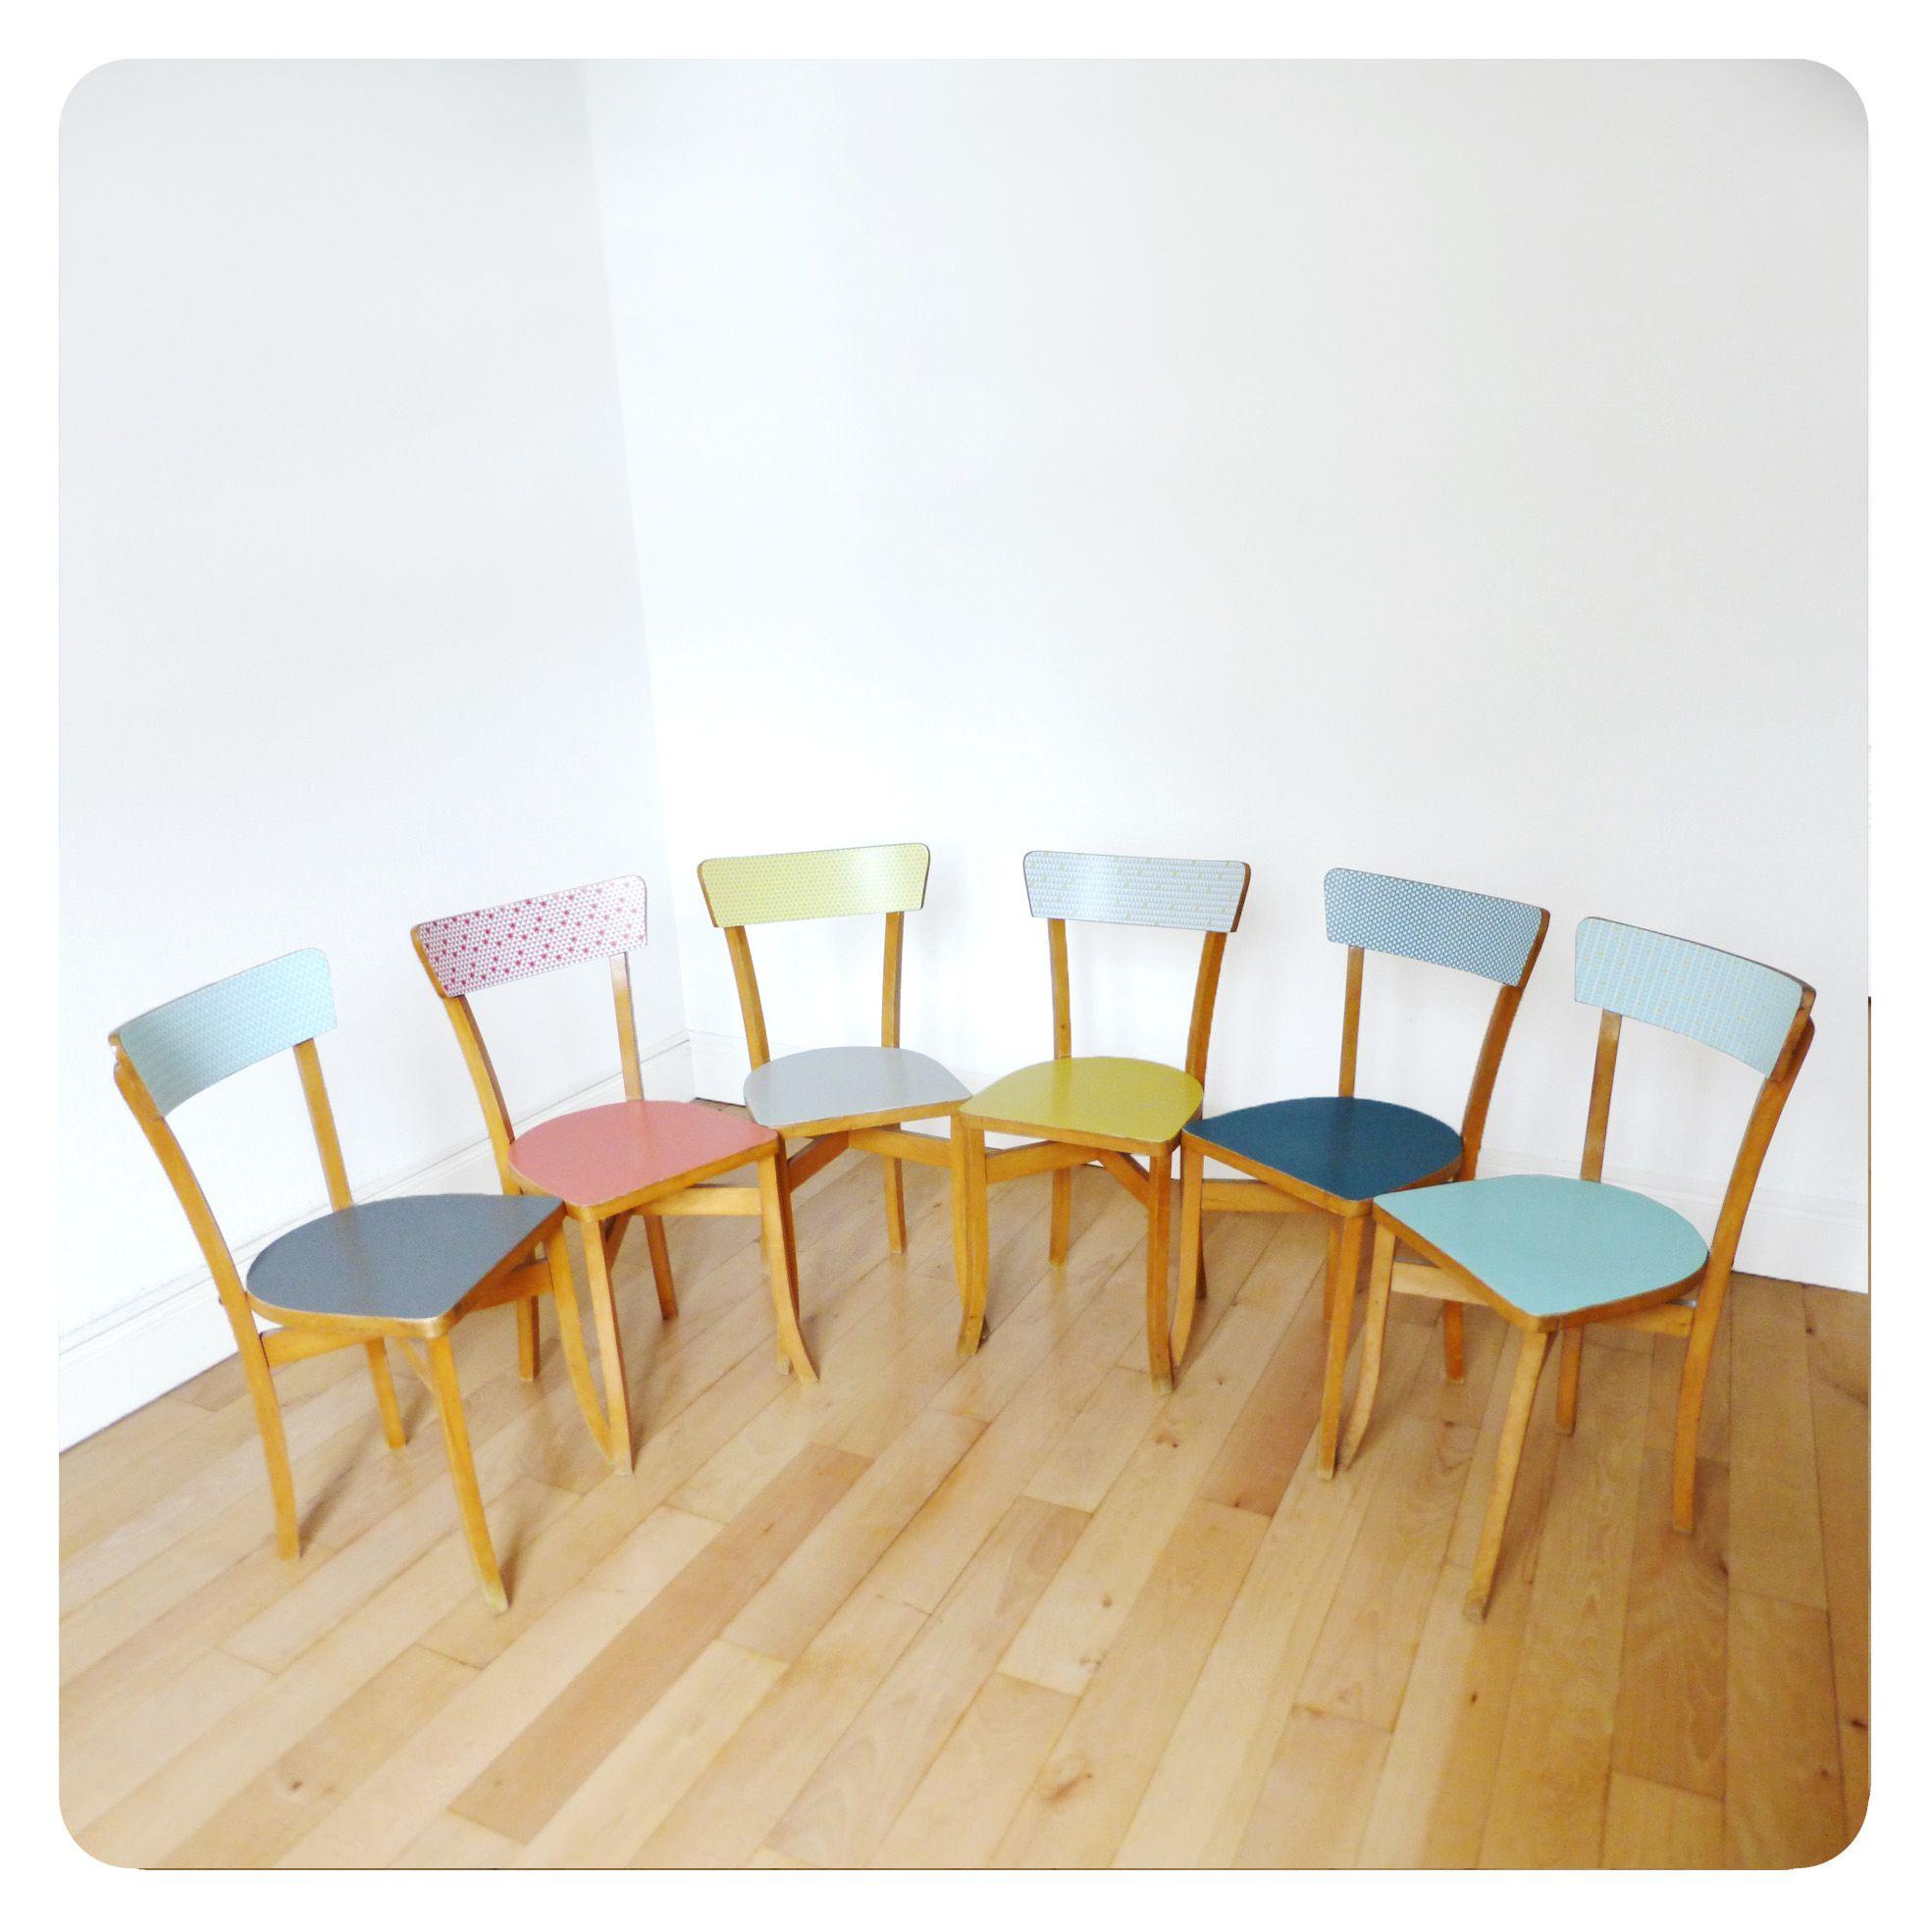 g nial table plus chaise id es de salon de jardin. Black Bedroom Furniture Sets. Home Design Ideas